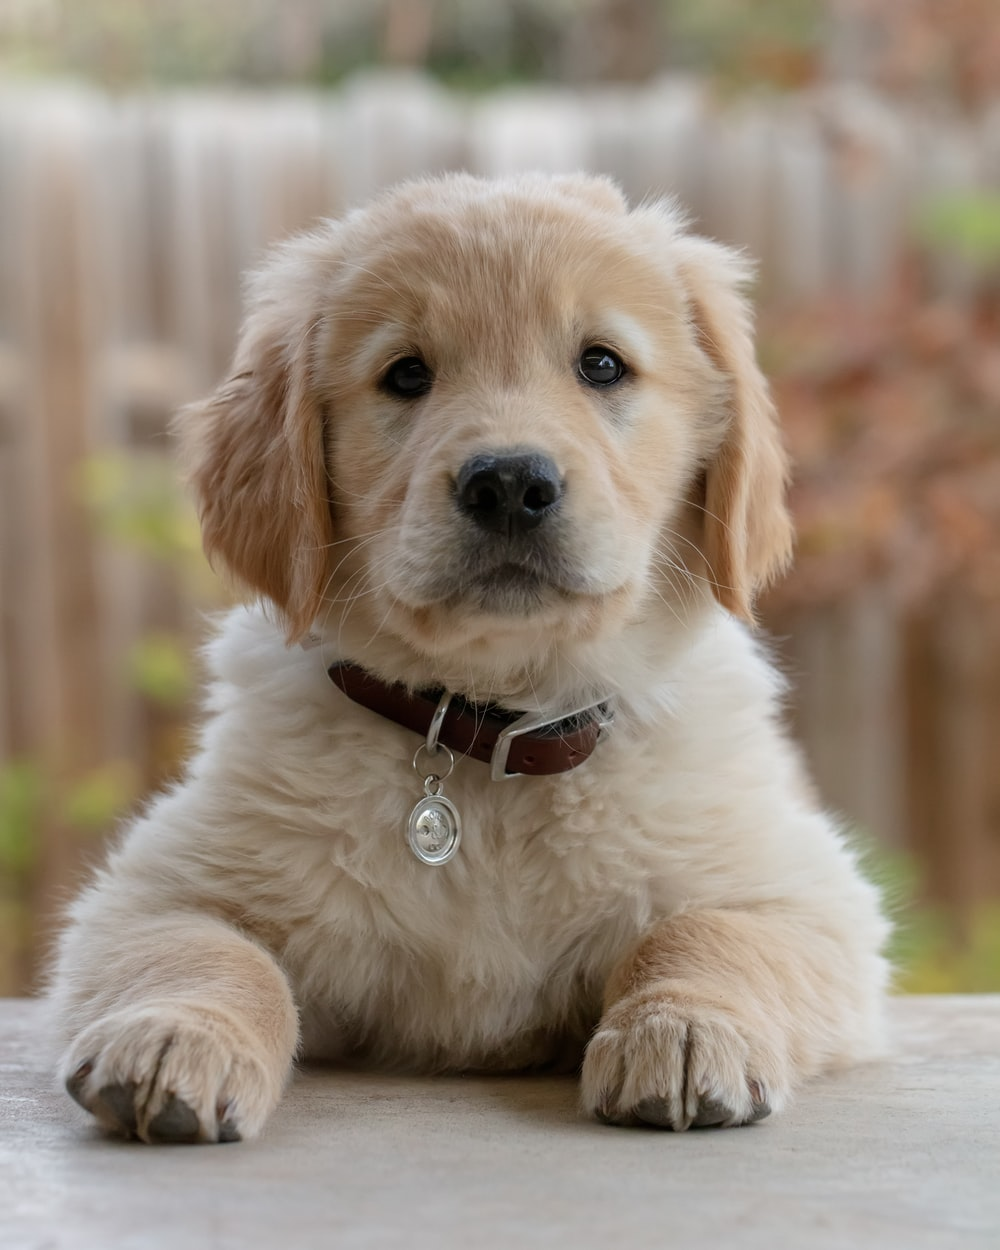 golden retriever puppy on focus photo